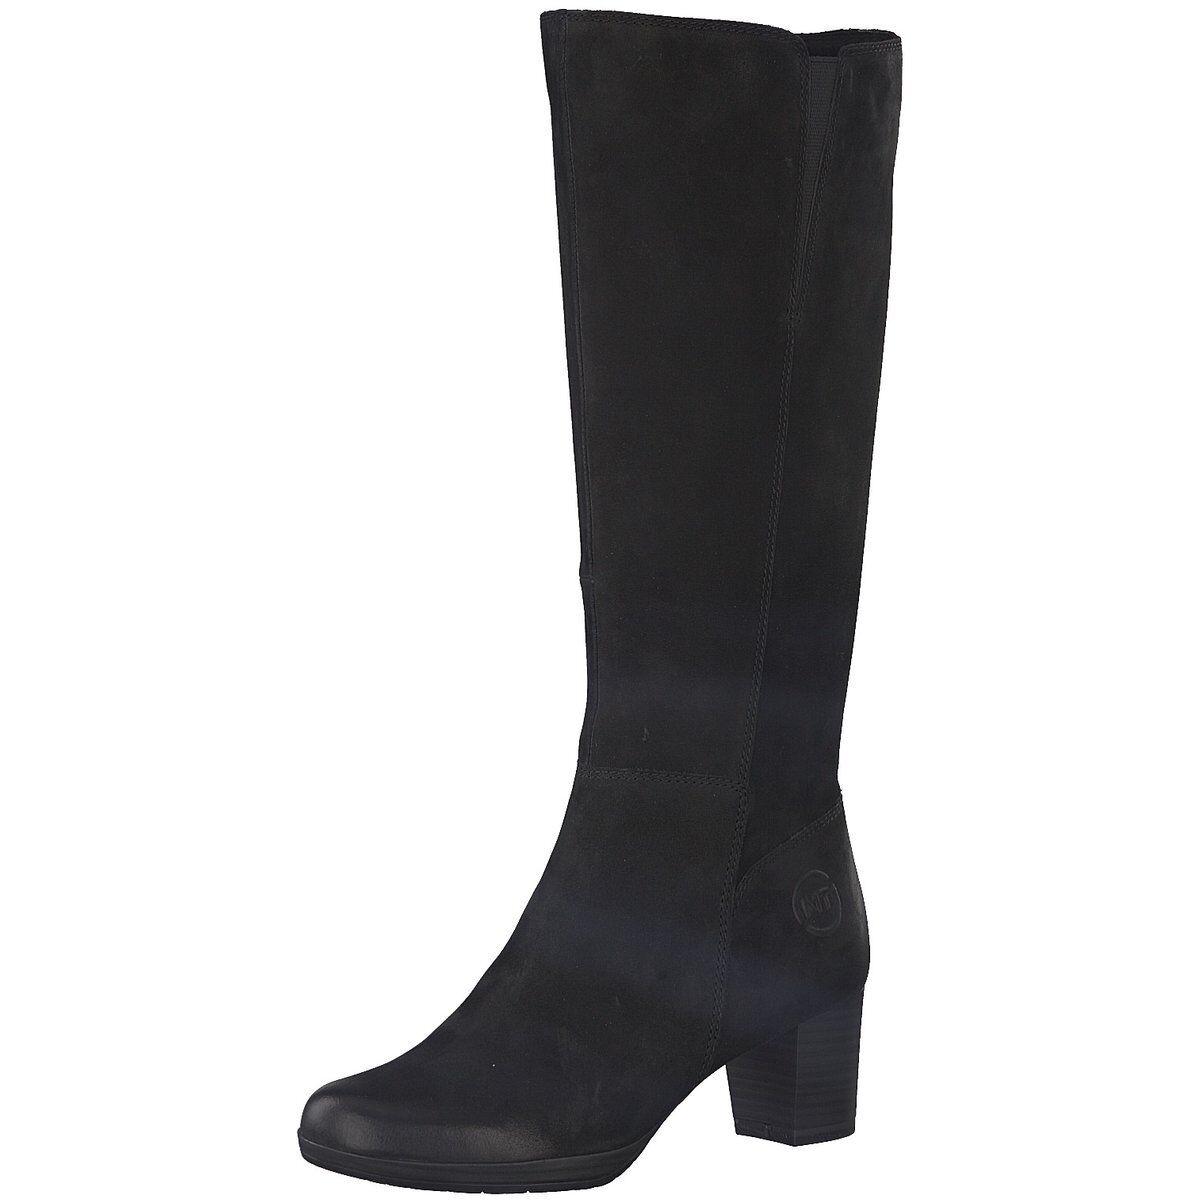 NEU Marco Tozzi Damen Stiefel Woms Stiefel schwarz 2-2-25526-21/002 002 schwarz Stiefel 522940 6612fa